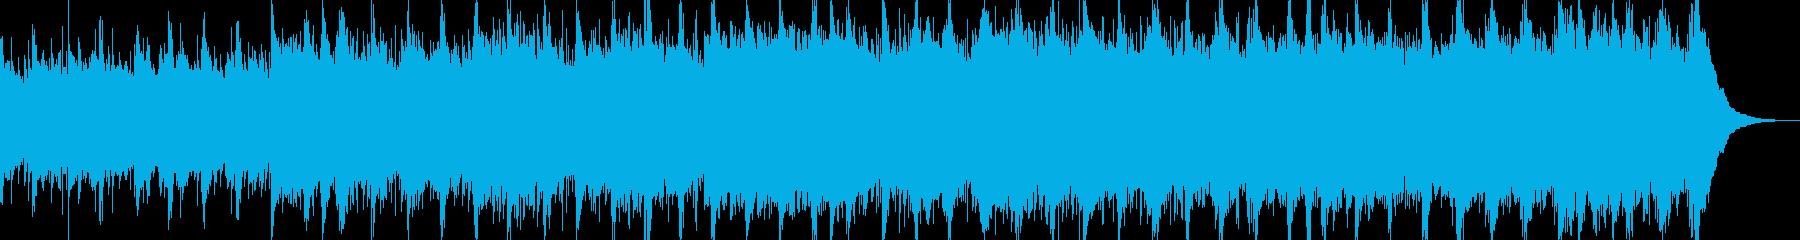 キラキラと静かで落ち着く癒しの楽曲の再生済みの波形